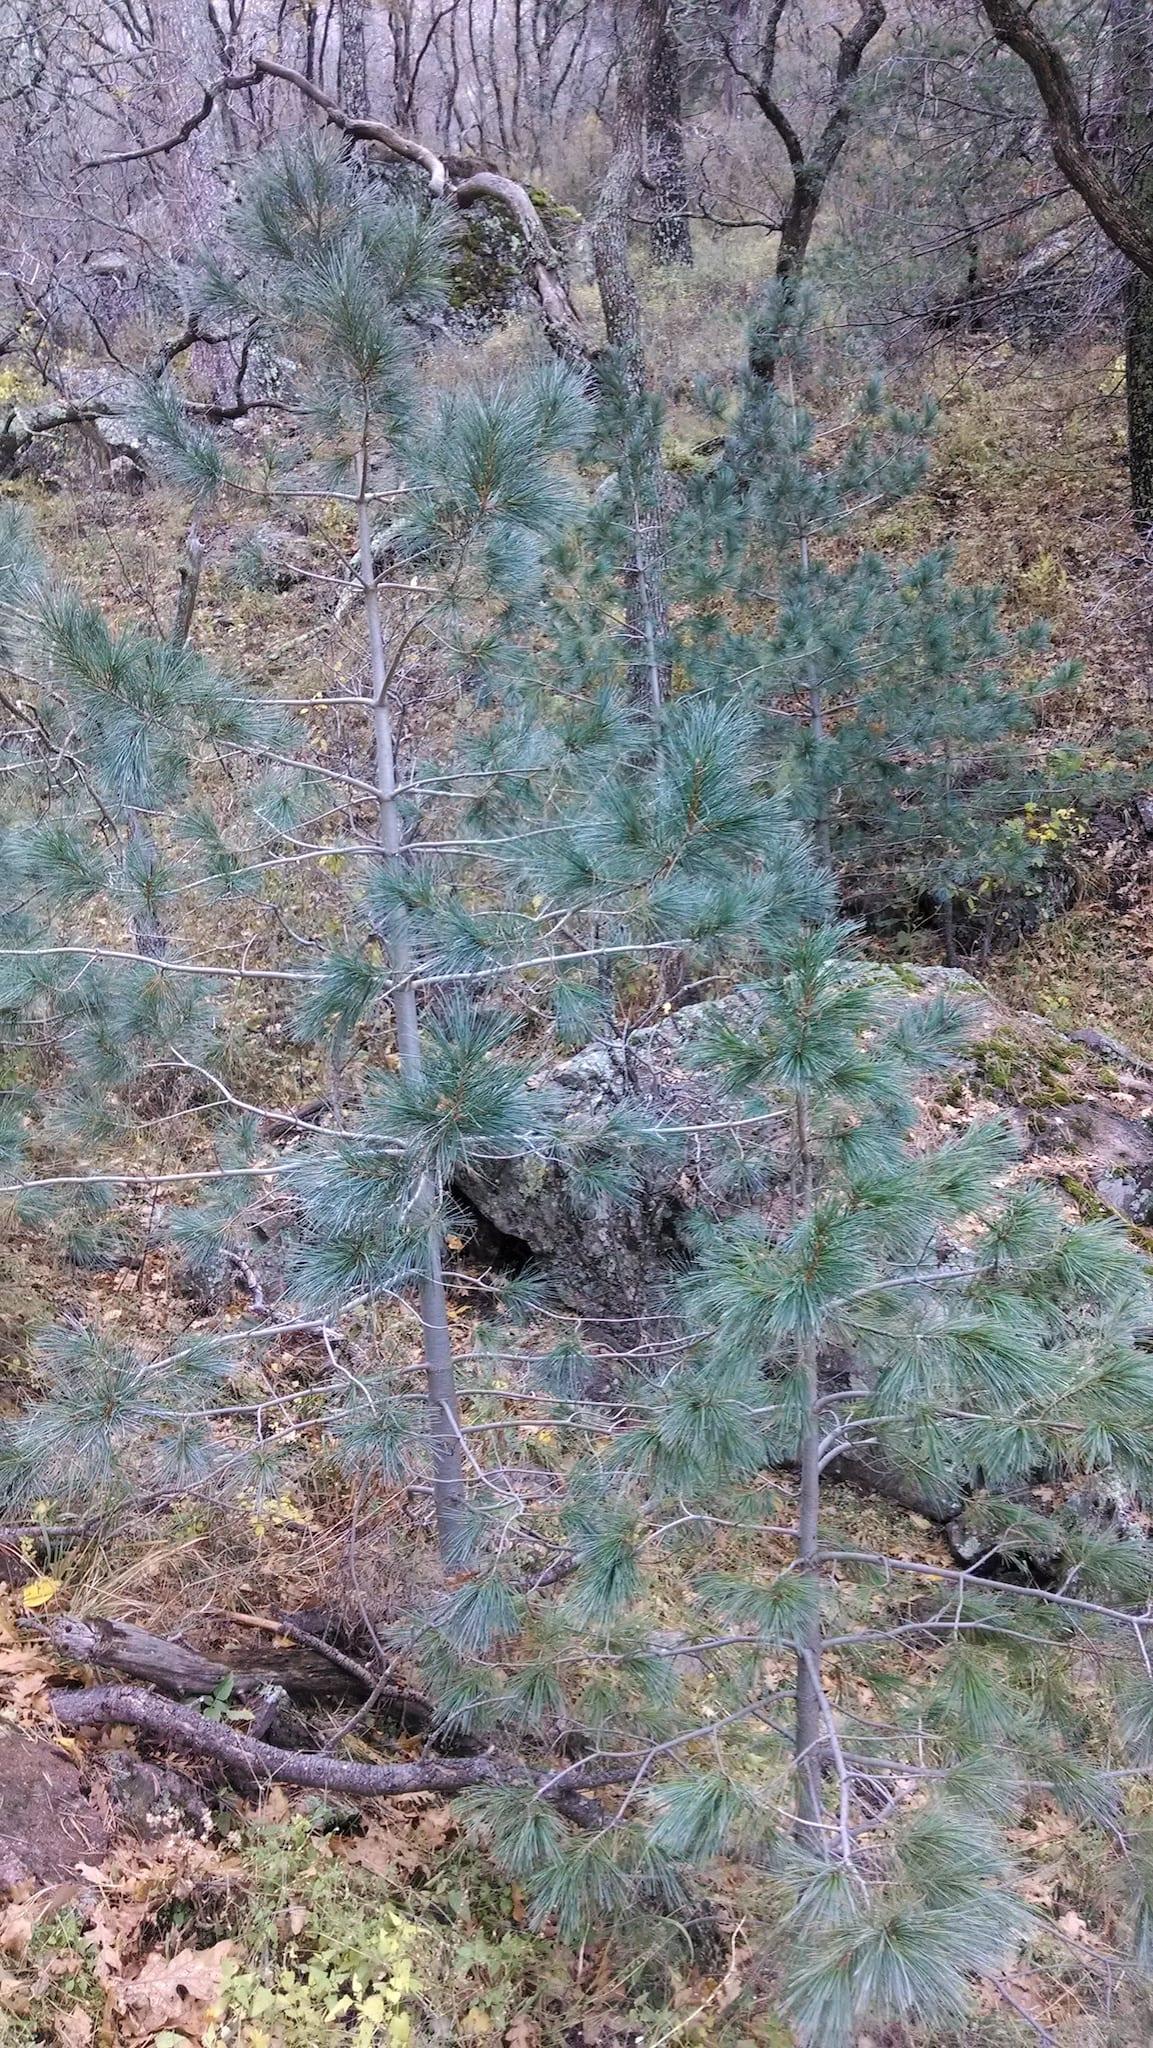 Southwestern White Pine Seedlings